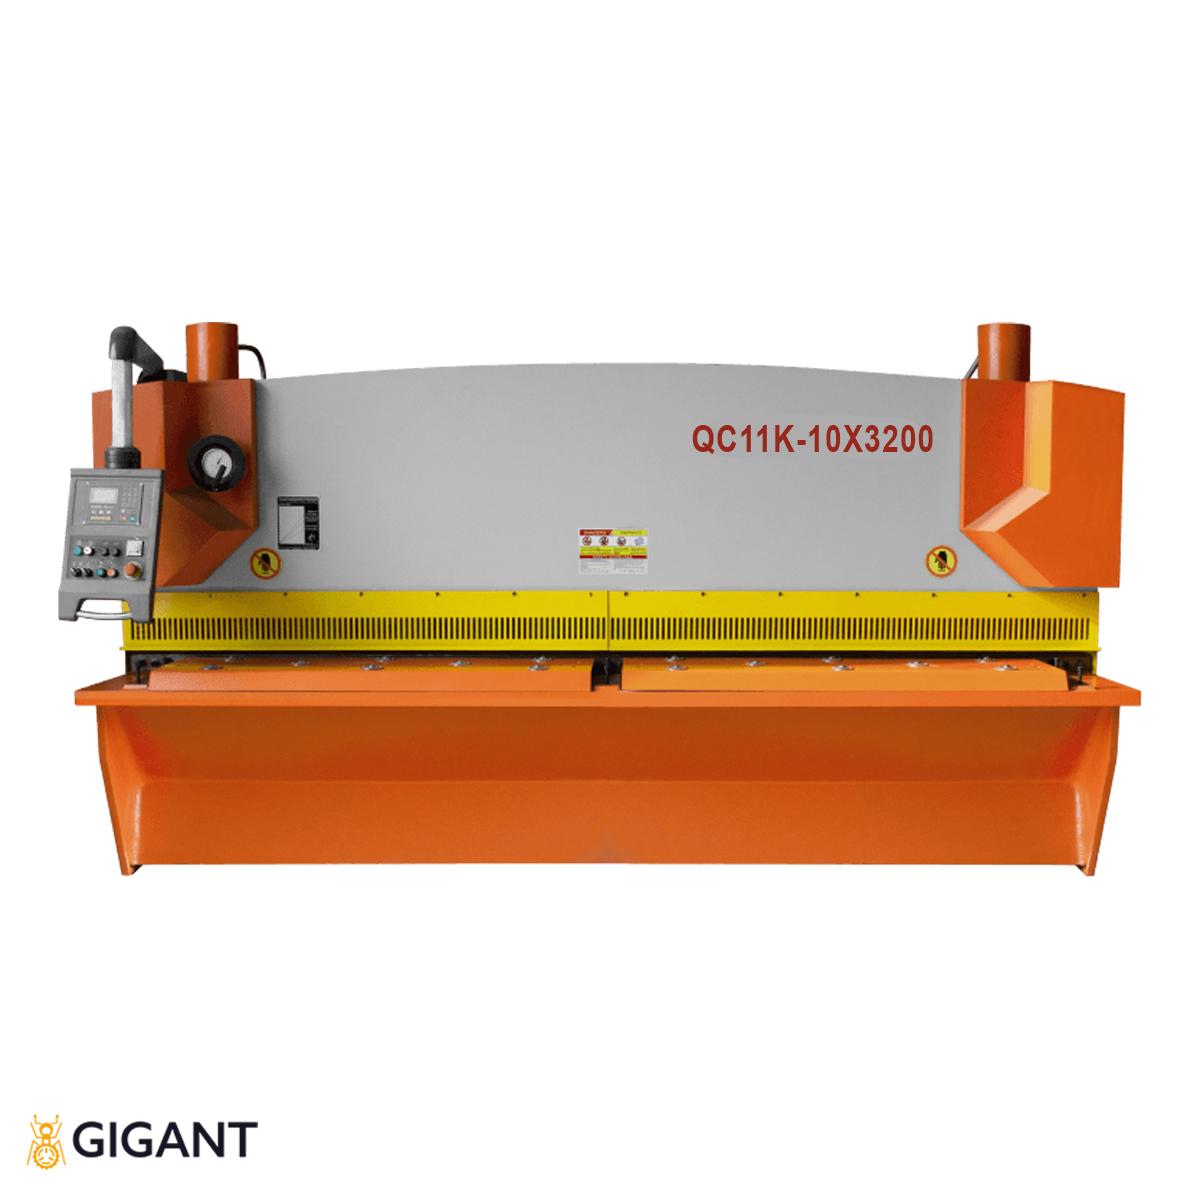 Гильотина гидравлическая STALEX QC11K-10x3200